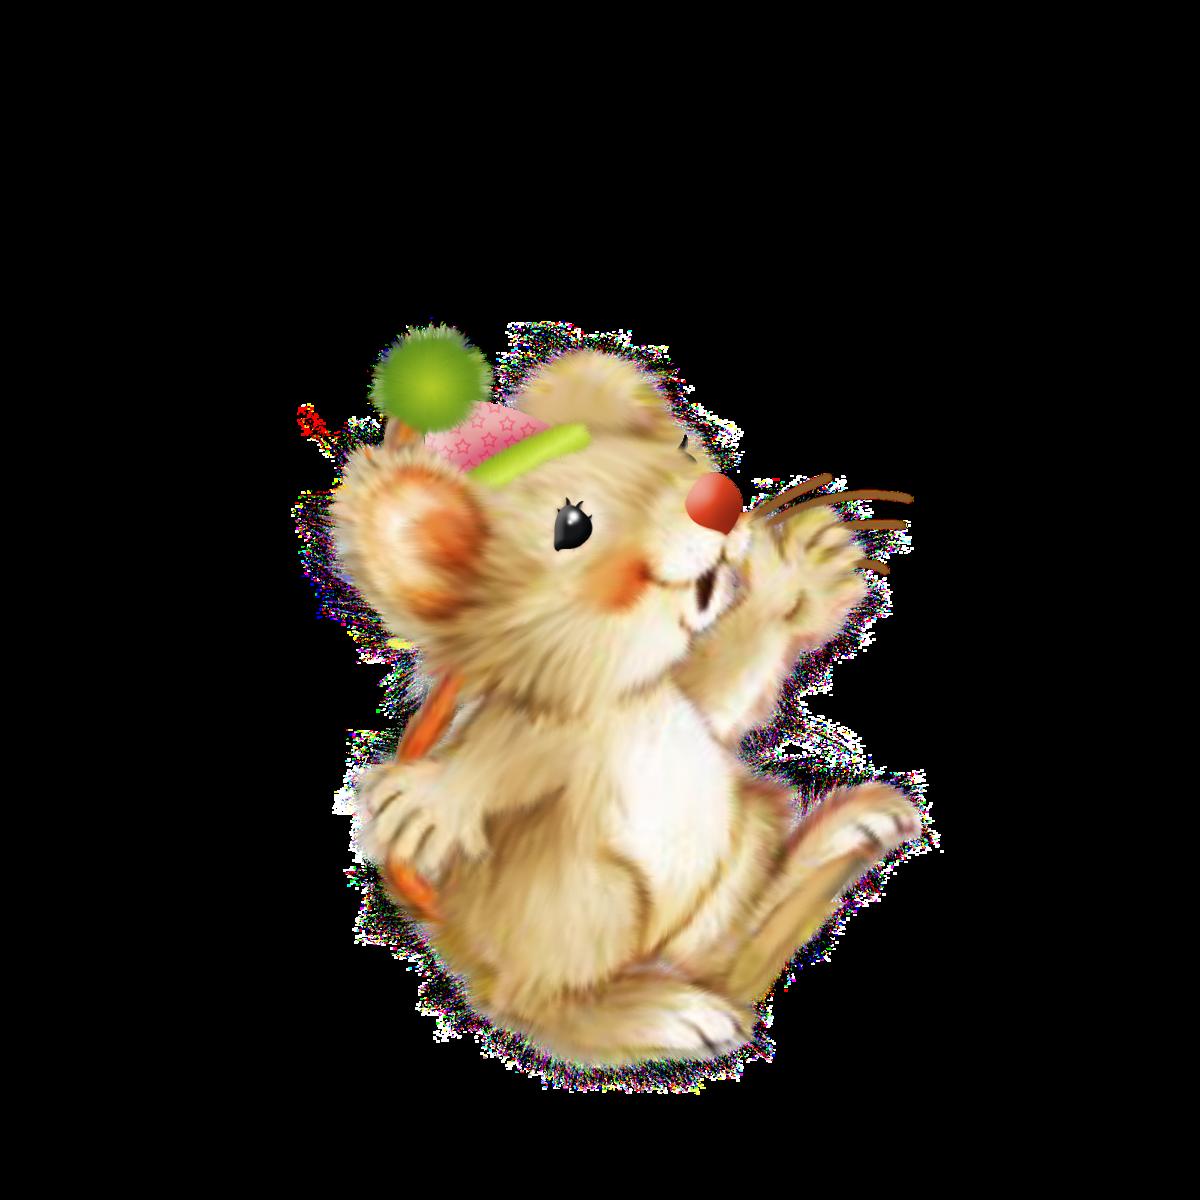 мышка в пнг новогодняя кыргызка никогда переходила